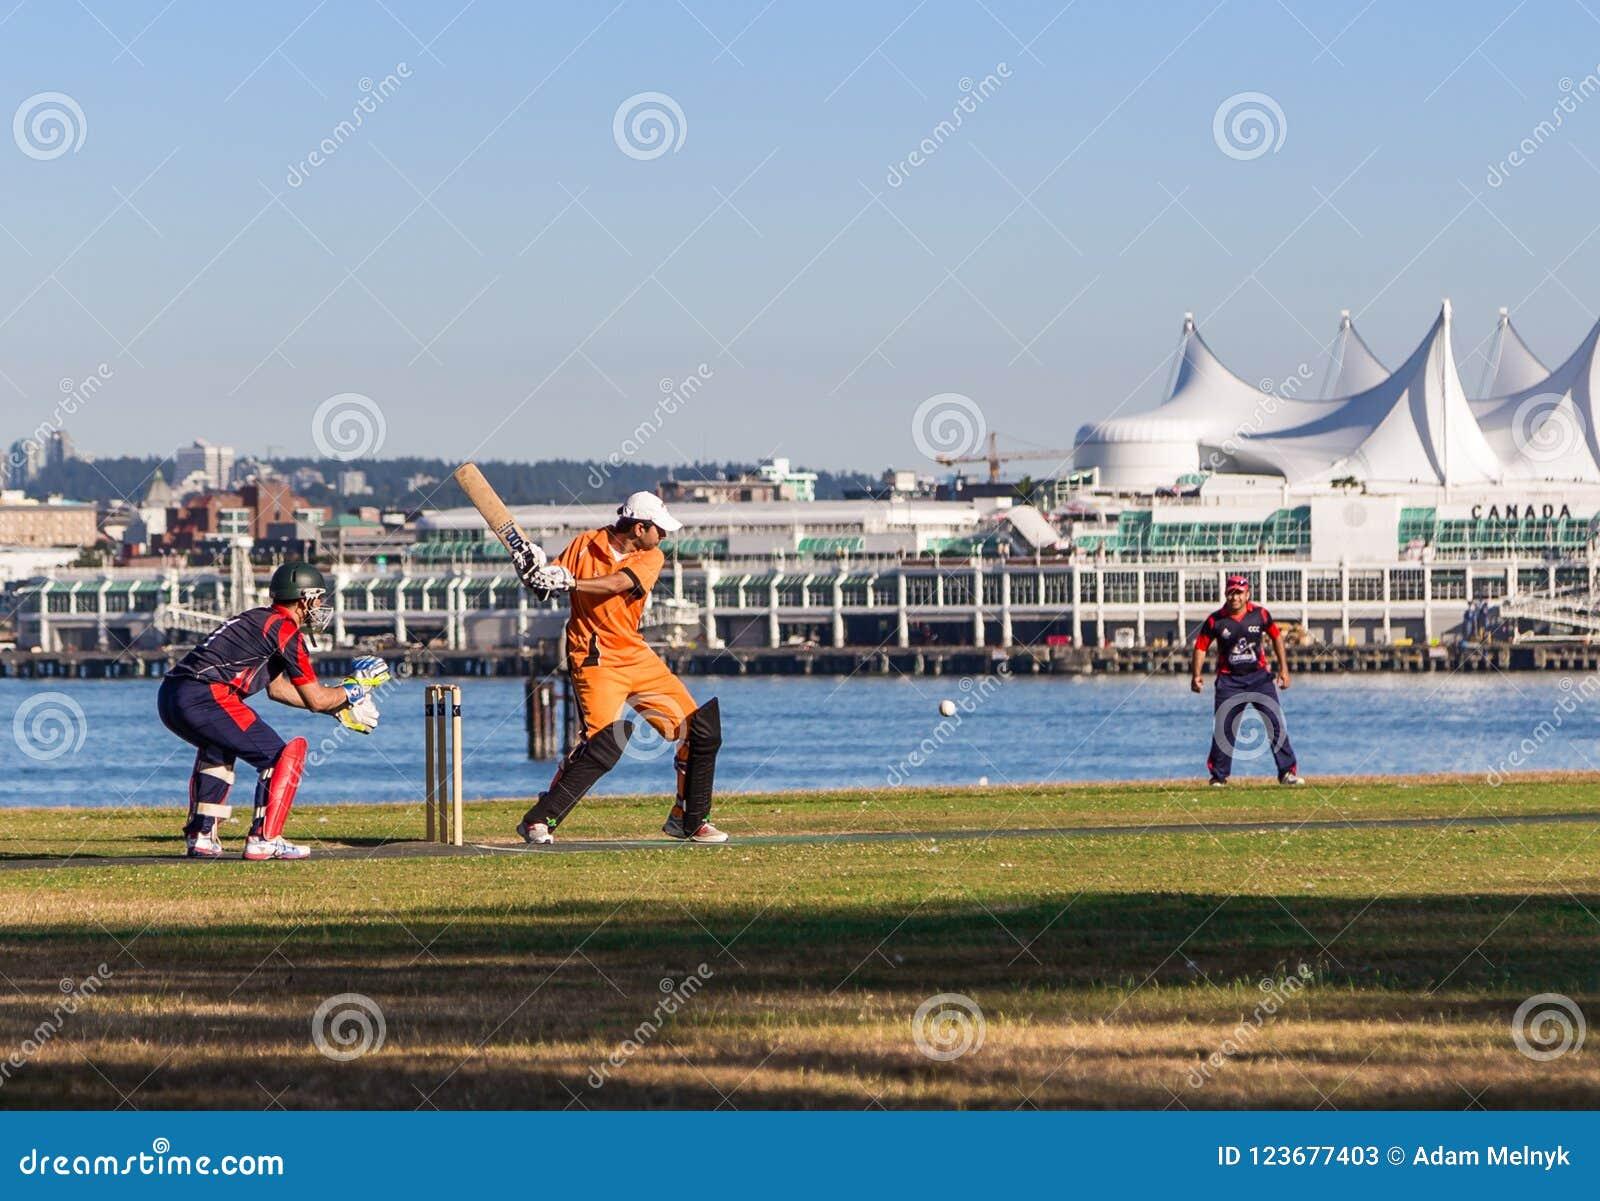 ВАНКУВЕР, ДО РОЖДЕСТВА ХРИСТОВА, КАНАДА - 19-ОЕ ИЮЛЯ 2015: Молодые человеки играют сверчка на поле перед местом Канады